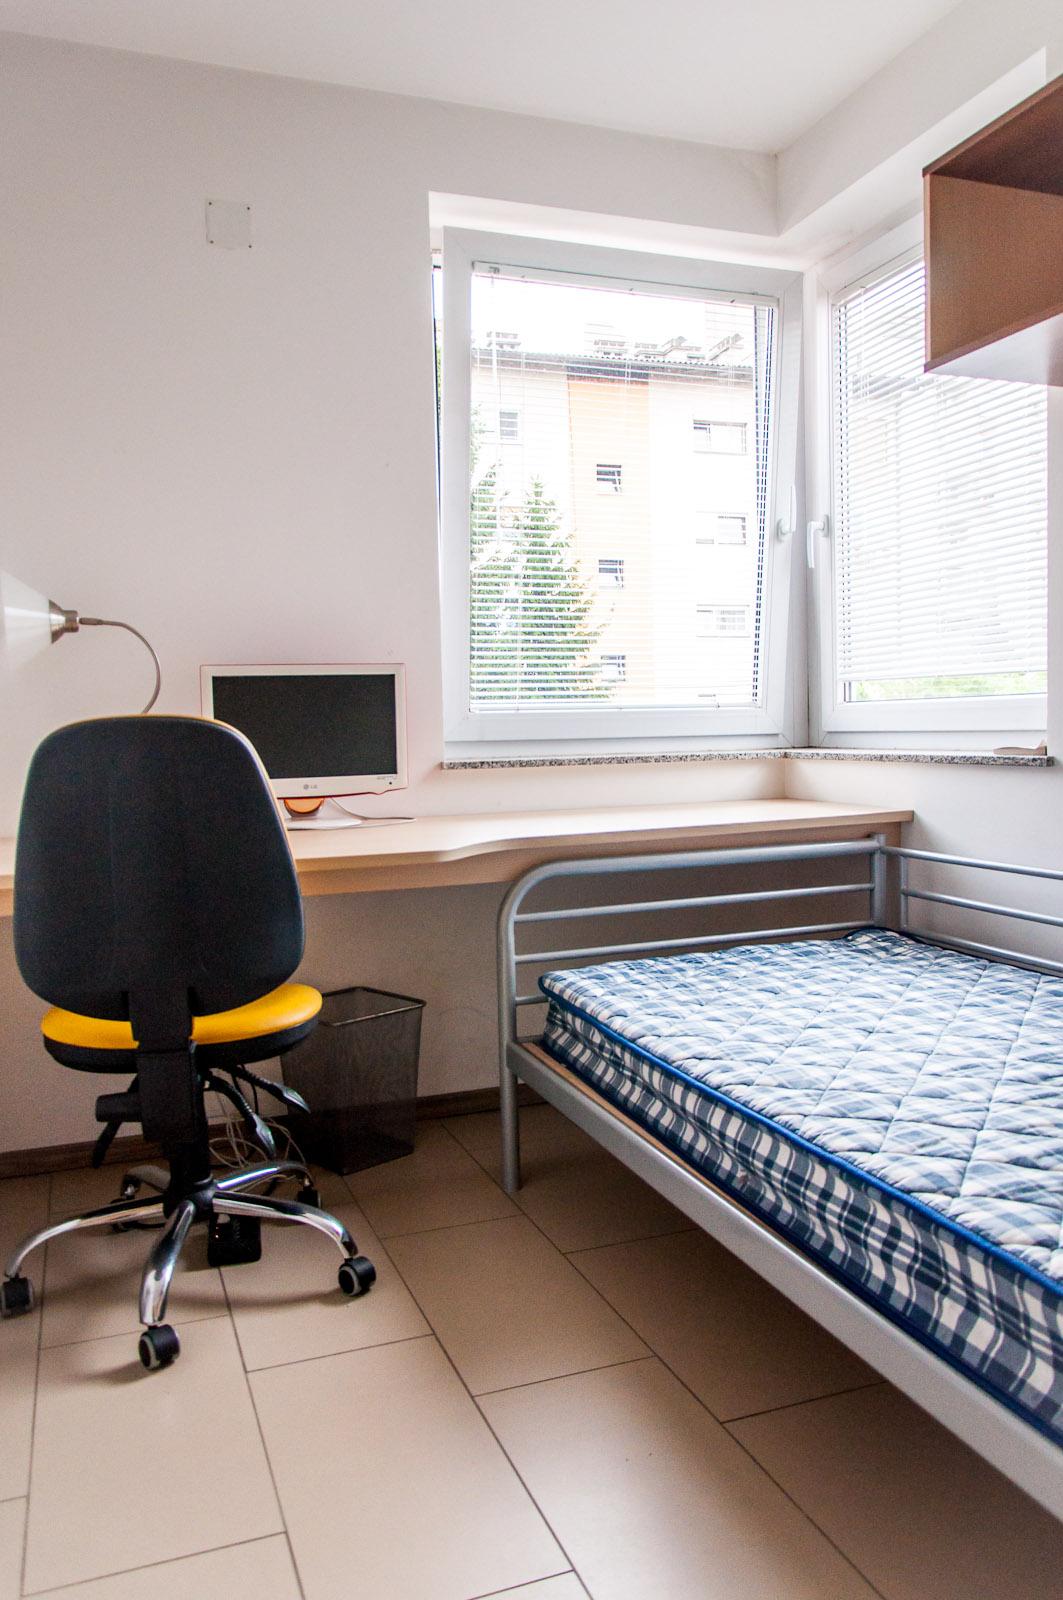 polno opremljeni študentski prostori